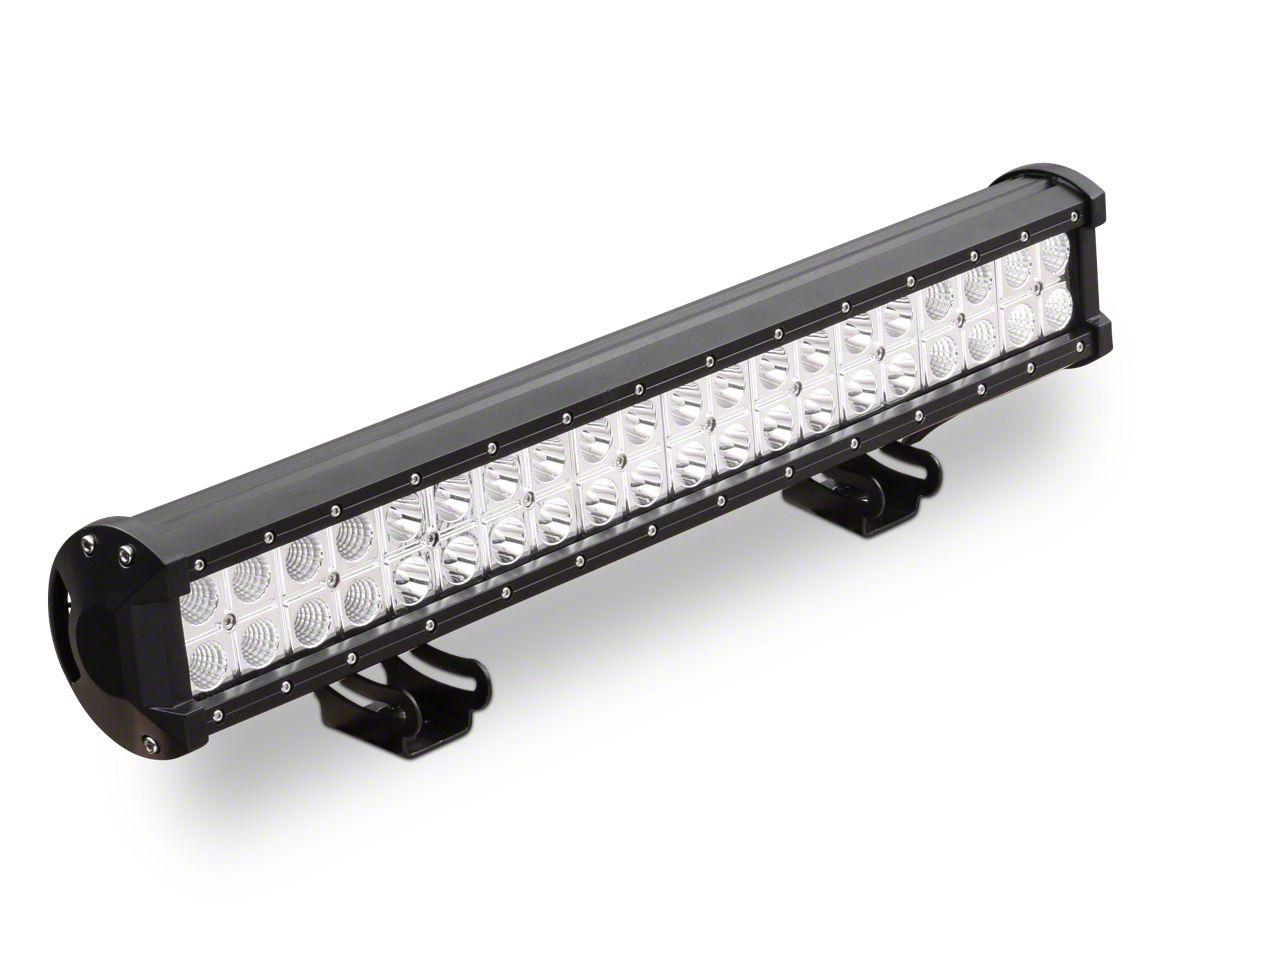 Alteon 21 in. 5 Series LED Light Bar - 30 & 60 Degree Flood Beam